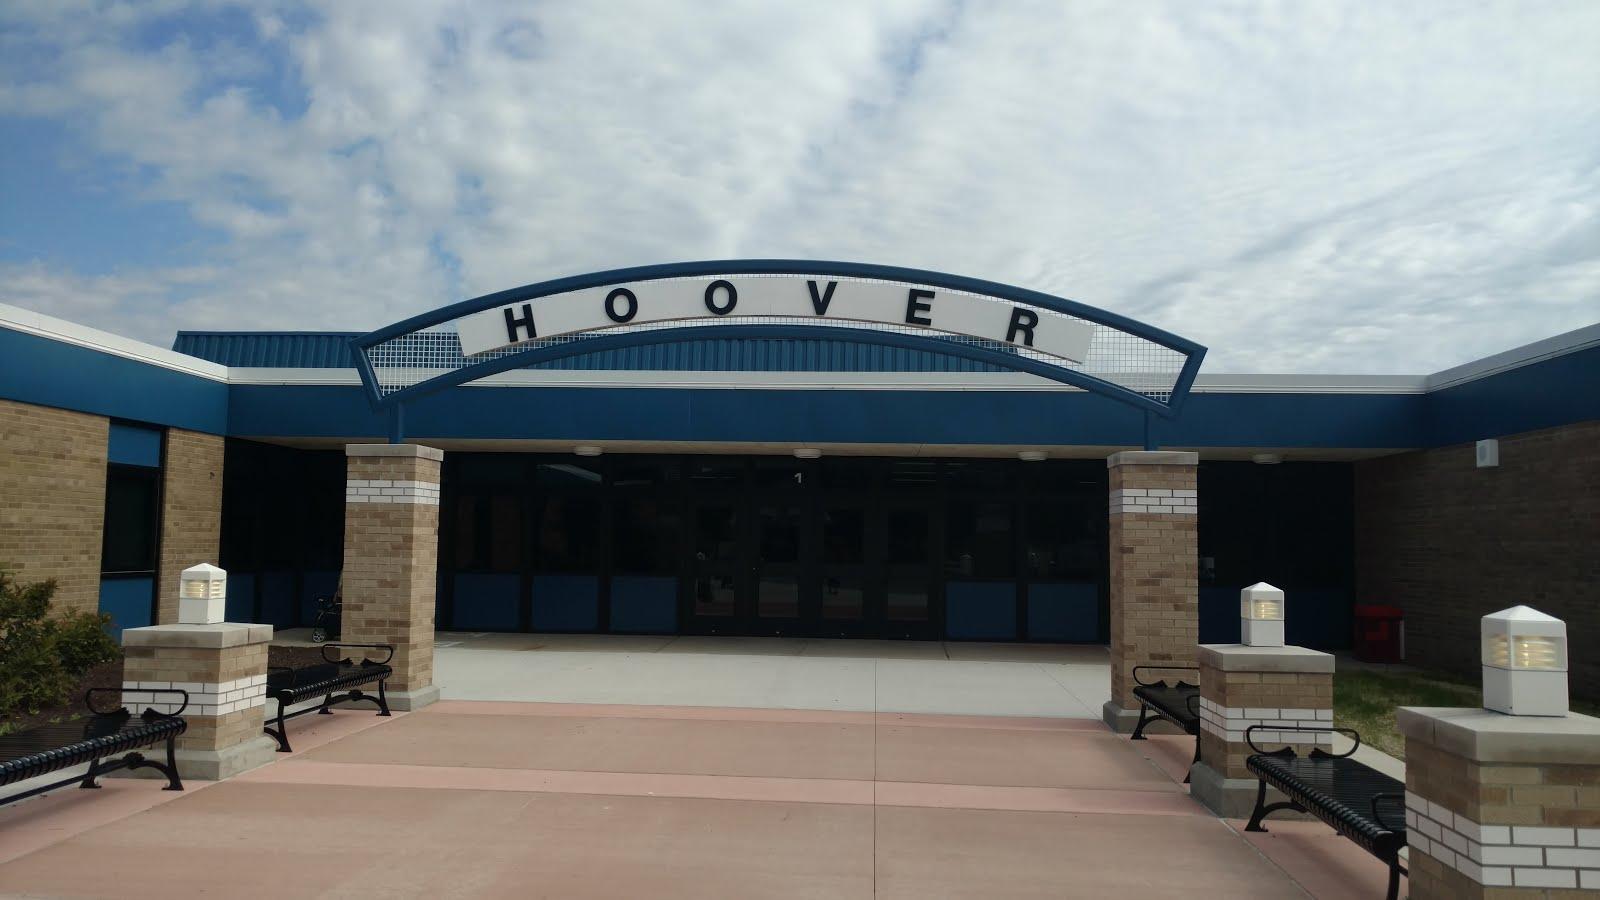 Hoover Entrance